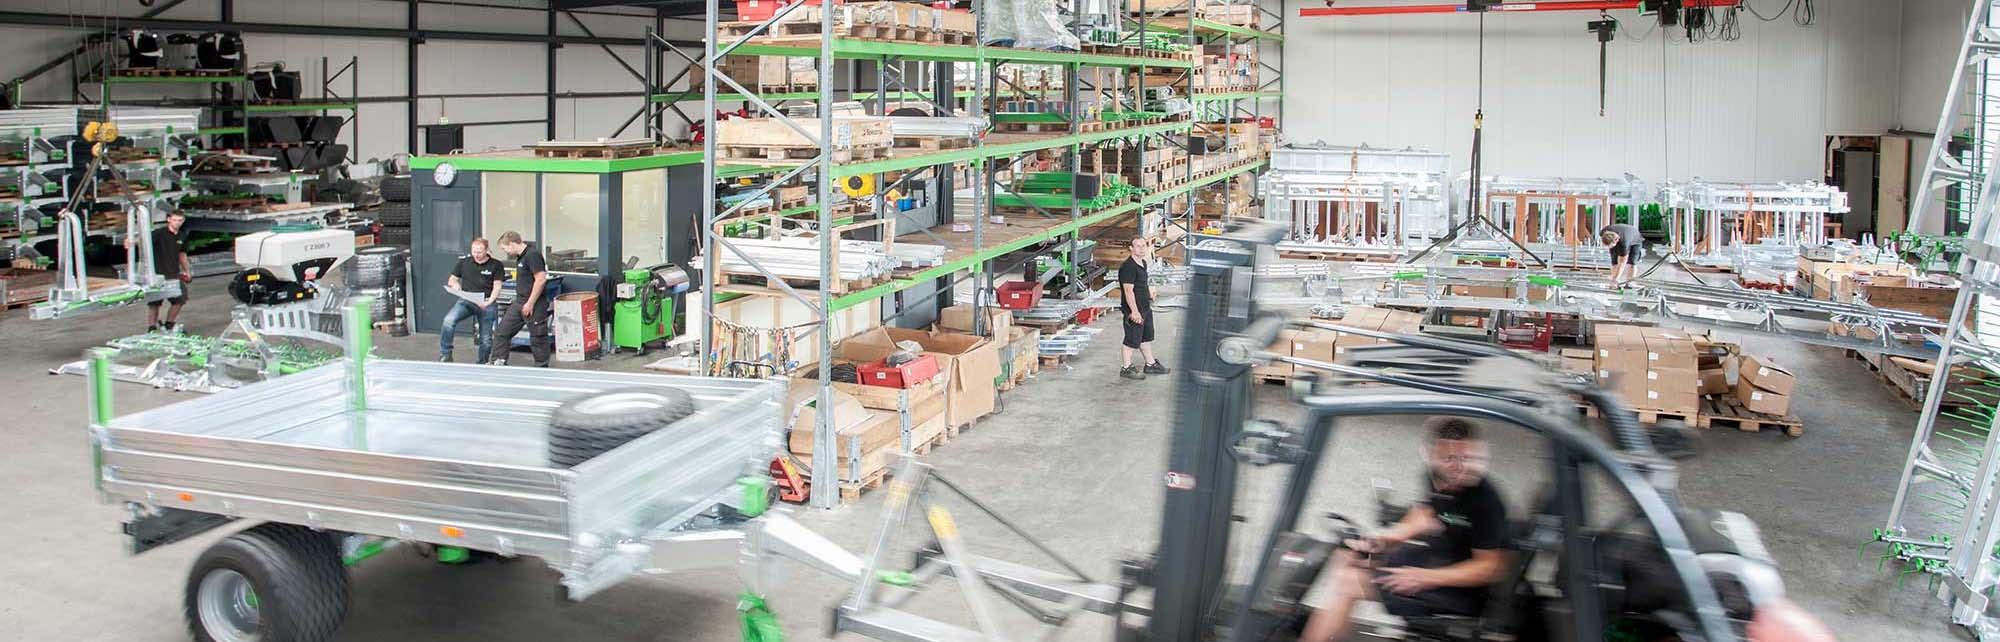 Zonderland Machinehandel - Landbouwmachines van Unia, Agromet, Francini en Zocon Joure